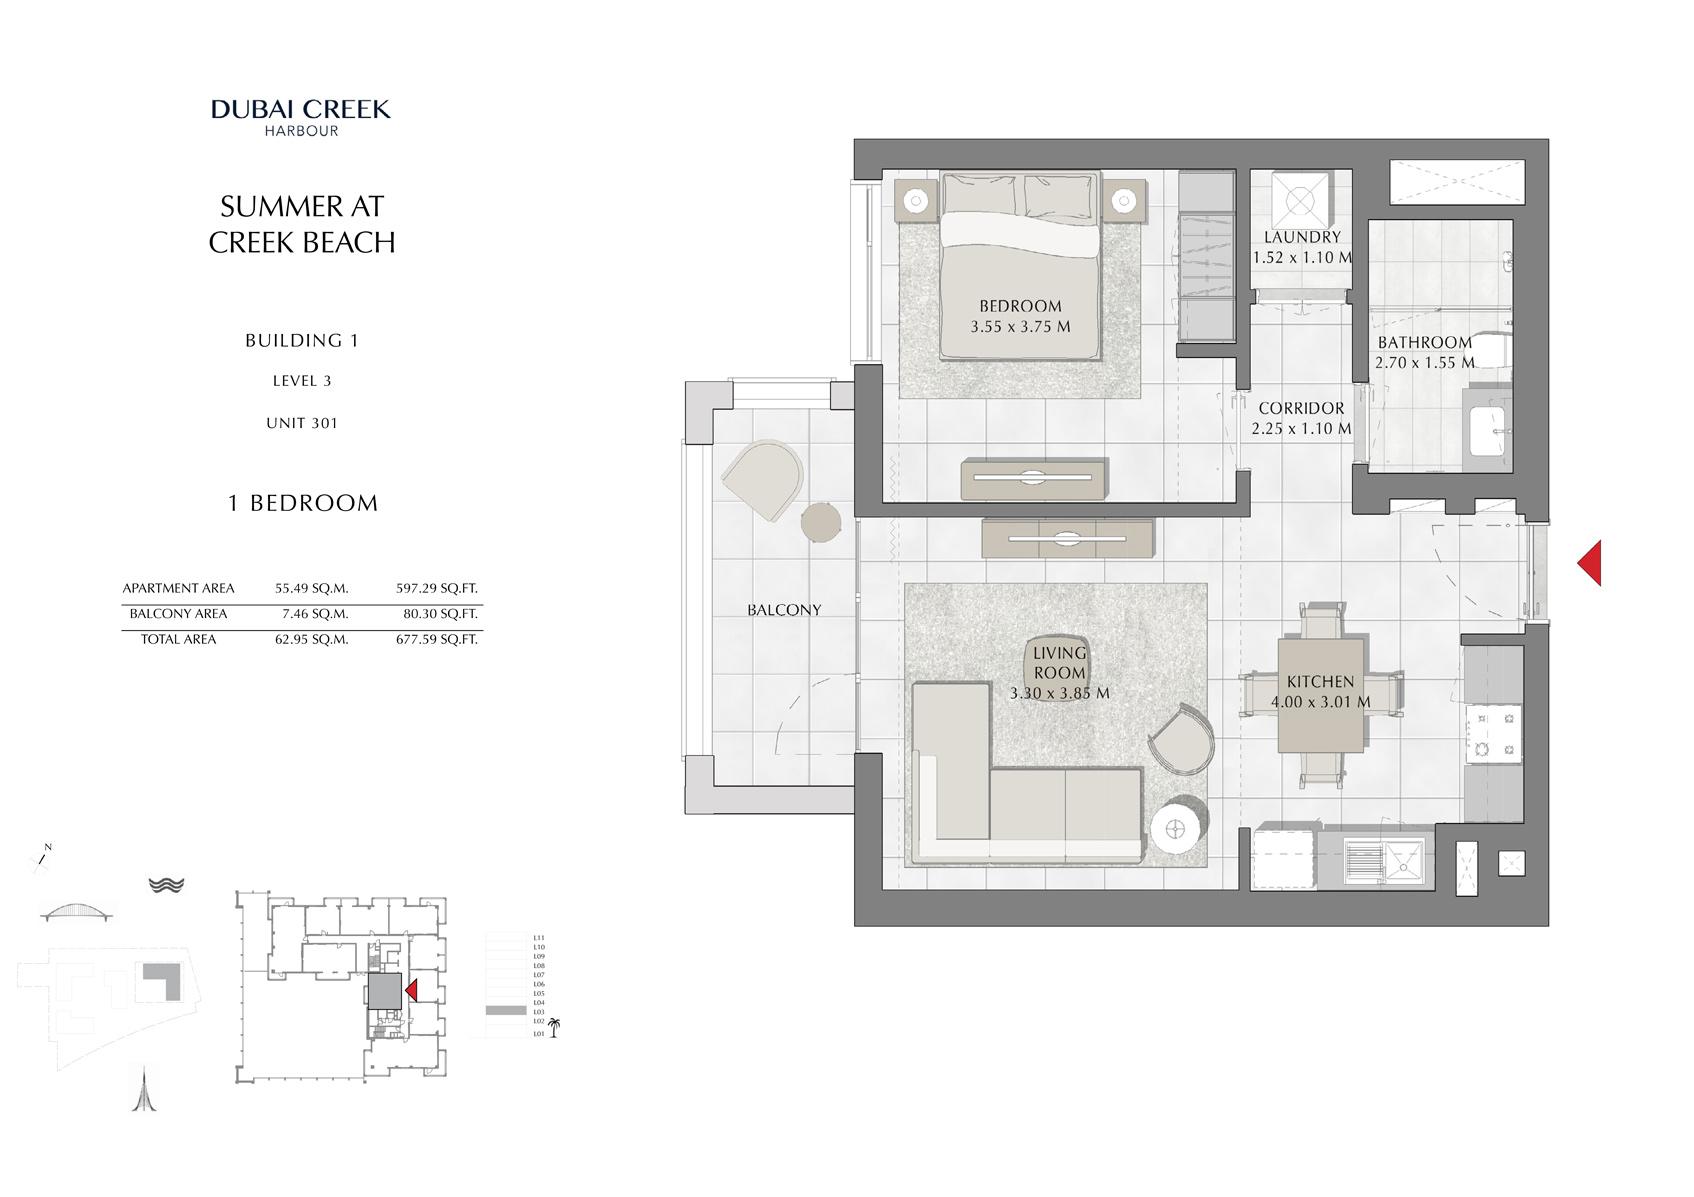 1 Br Building 1 Level 3 Unit 301, Size 677 Sq Ft